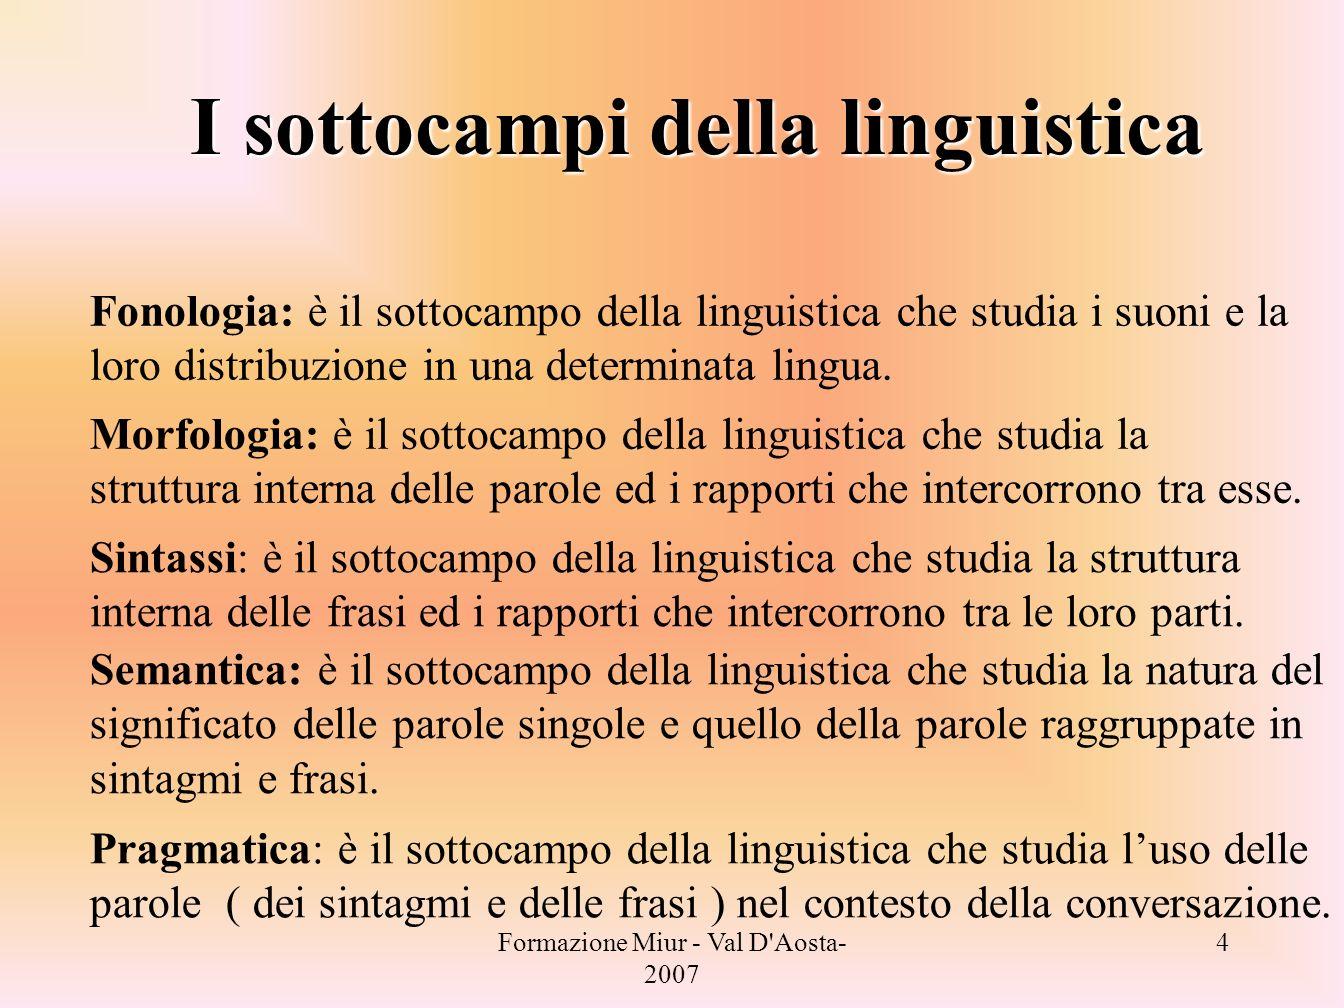 Formazione Miur - Val D'Aosta- 2007 4 I sottocampi della linguistica Fonologia: è il sottocampo della linguistica che studia i suoni e la loro distrib